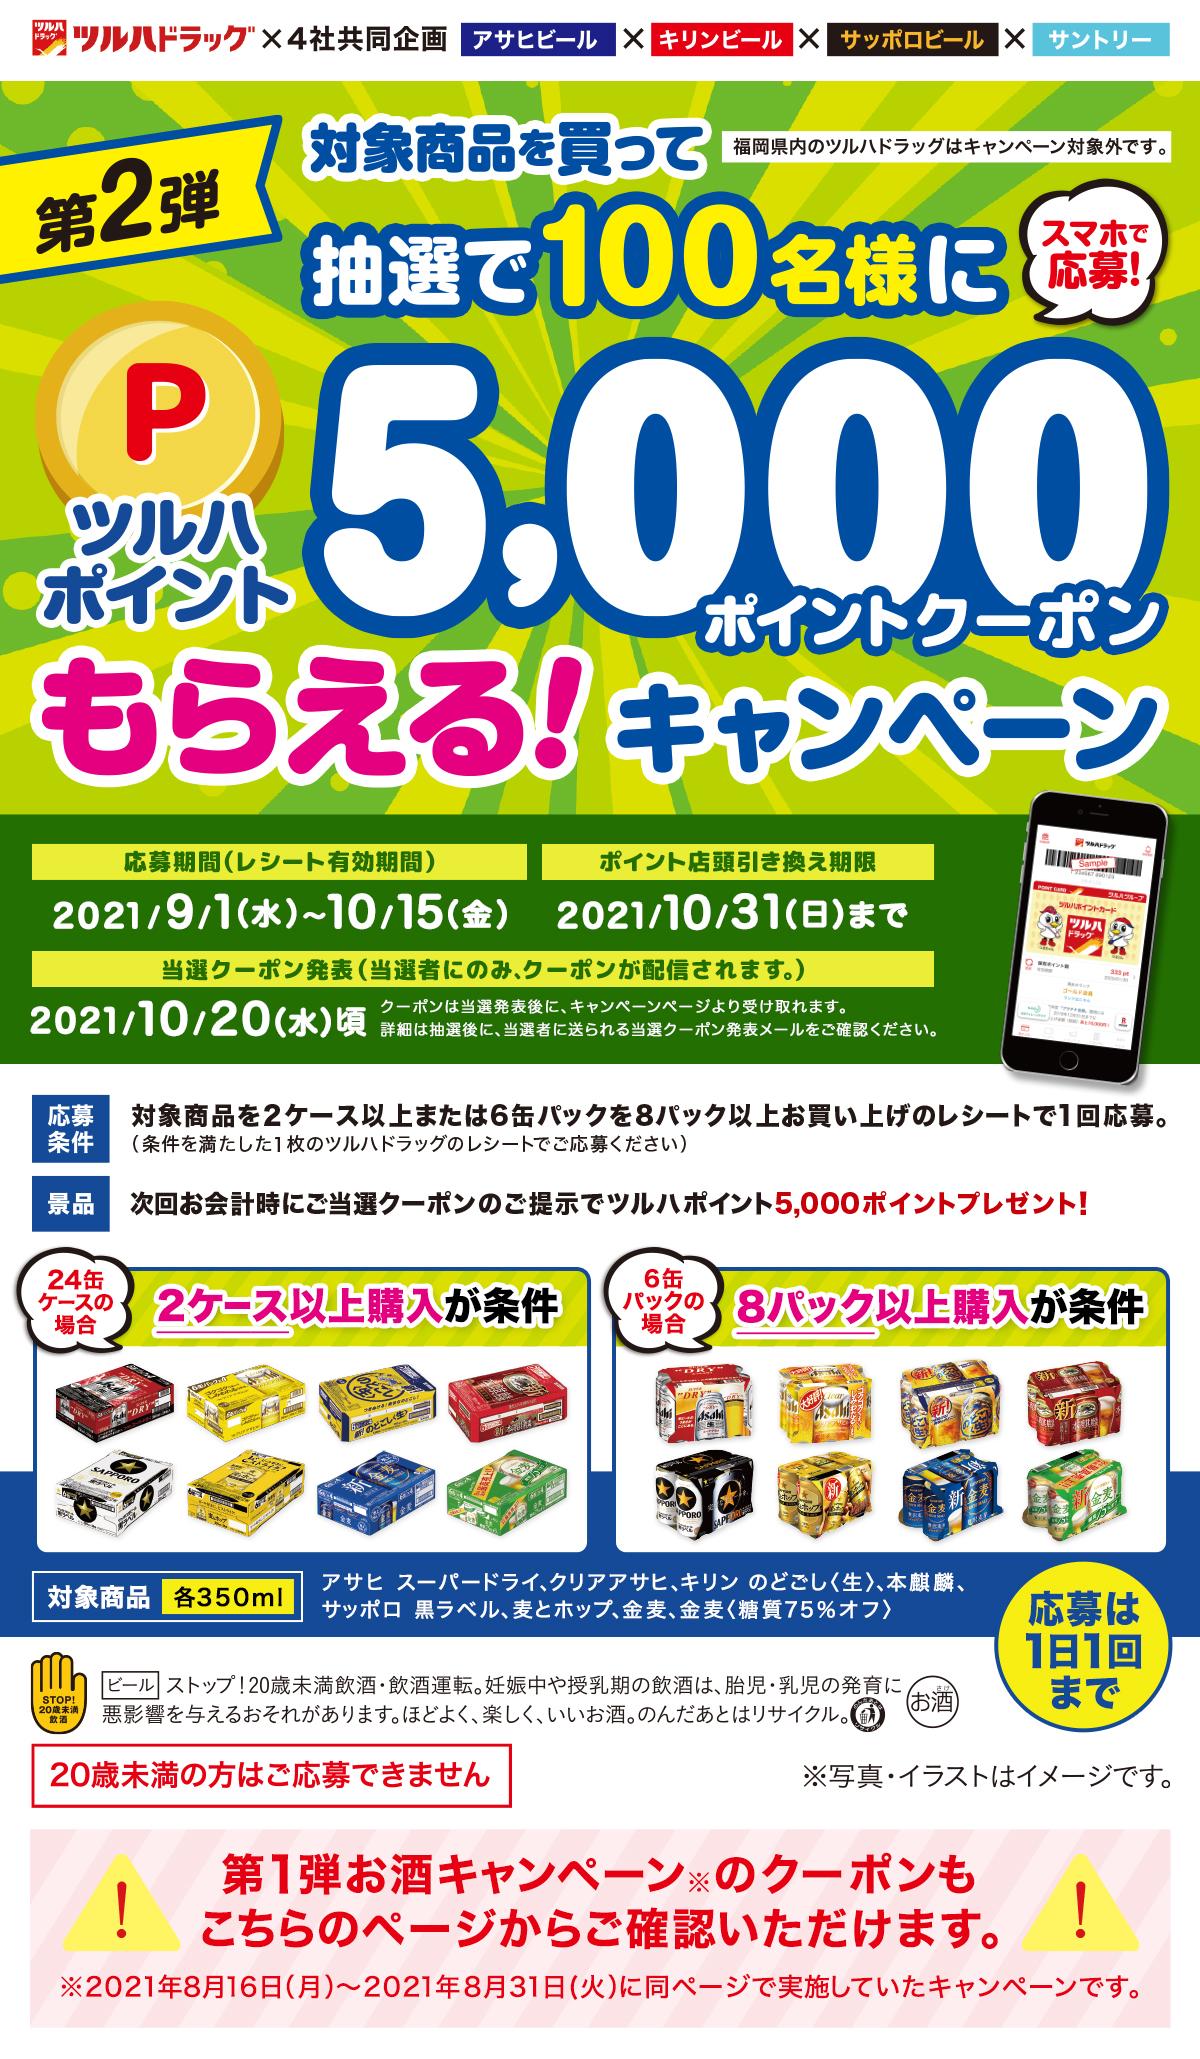 ツルハドラッグで、対象商品を買ってツルハポイント5,000ポイントが抽選で100名様に当たるキャンペーン